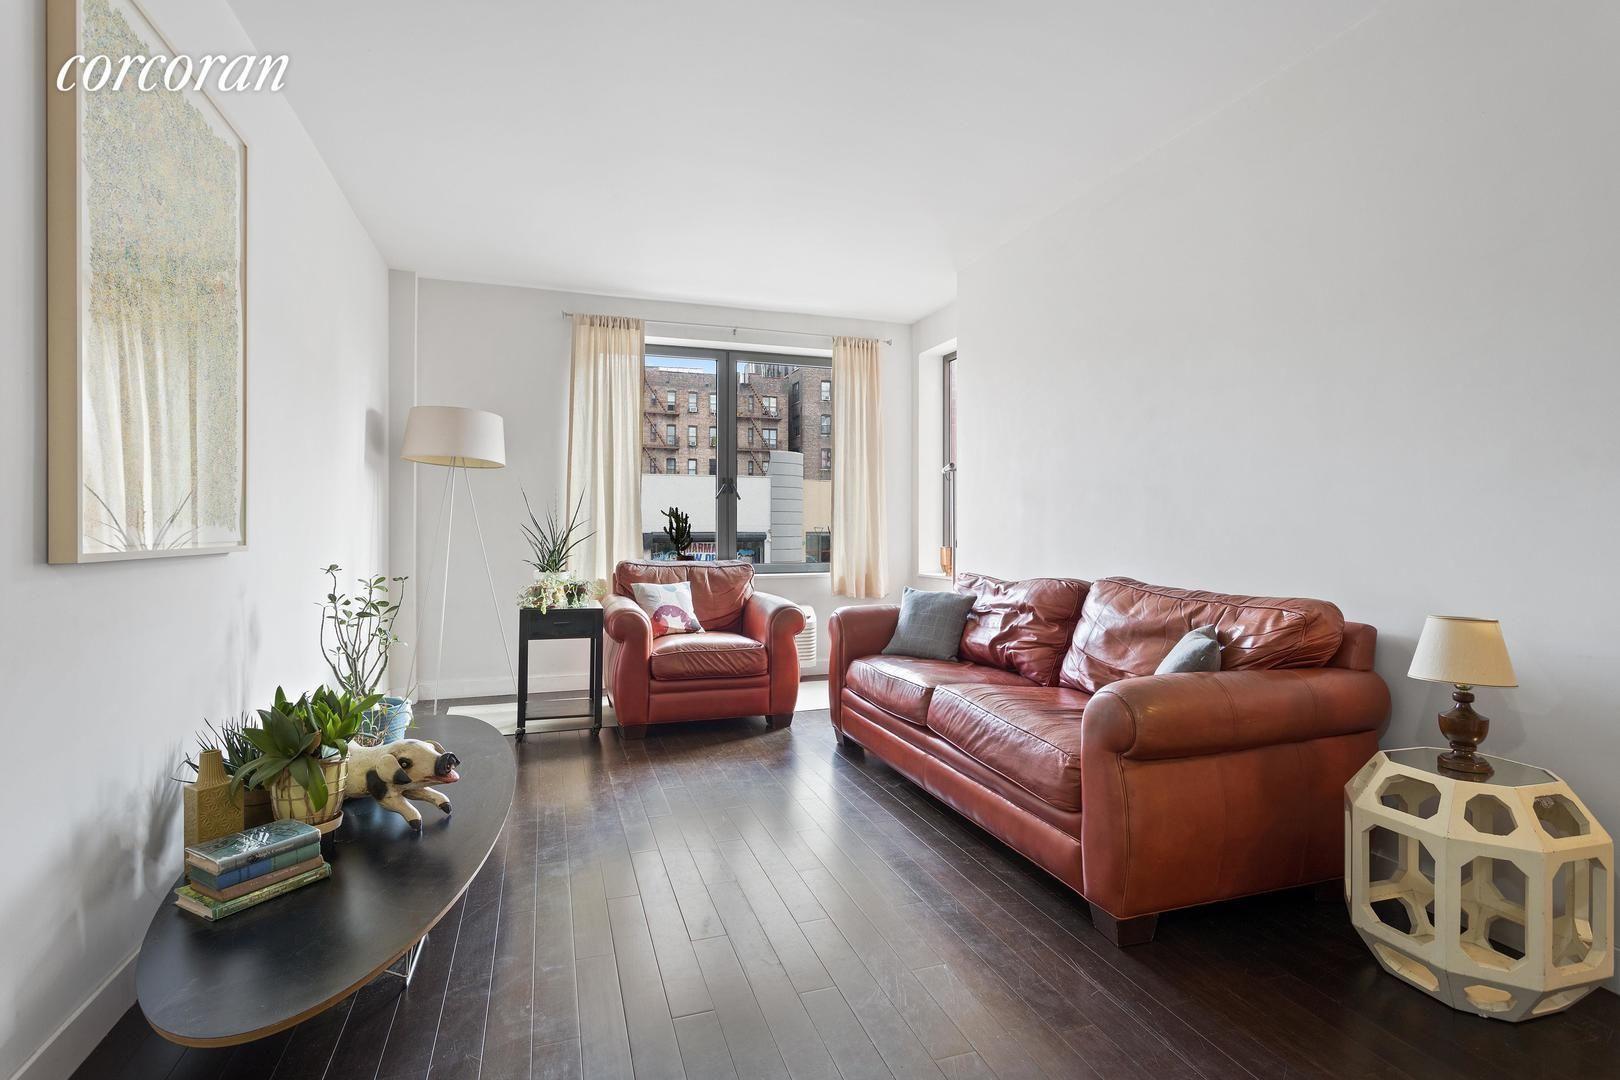 Apartment for sale at 753 Saint Nicholas Avenue, Apt 2A